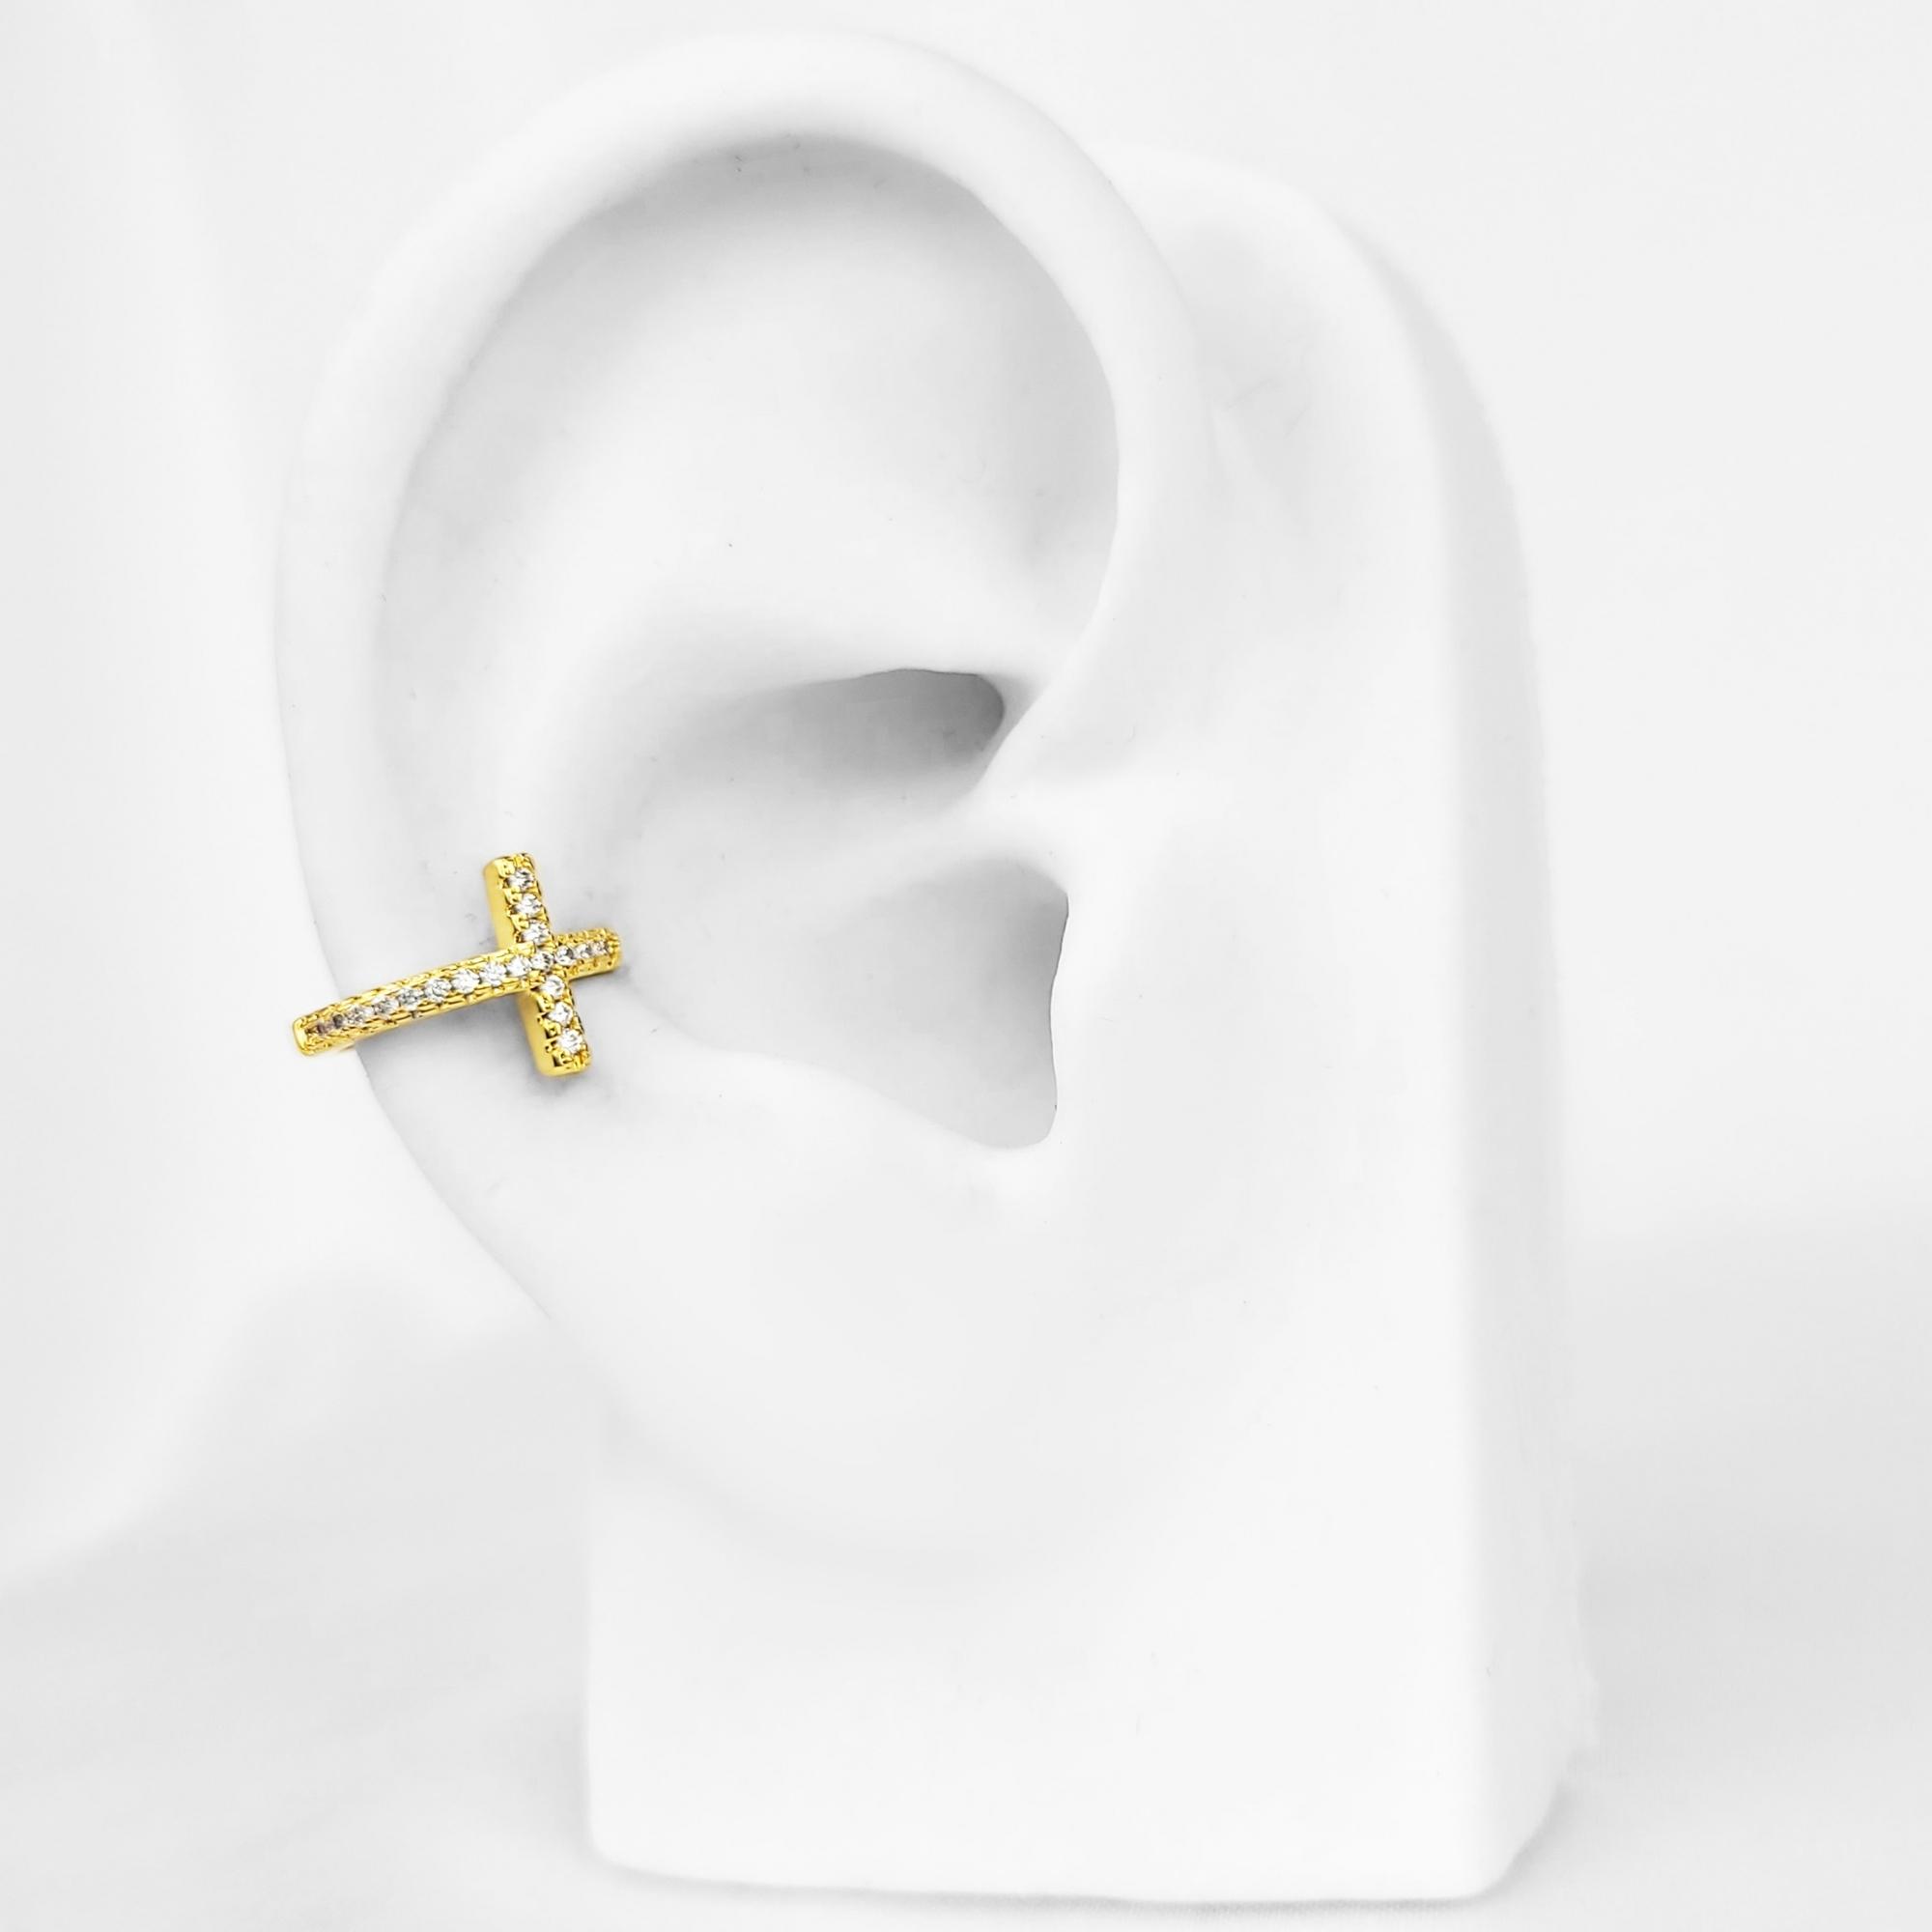 Brinco Piercing Fake Cruz com Zircônias Folheado Ouro 18k  - Lunozê Joias